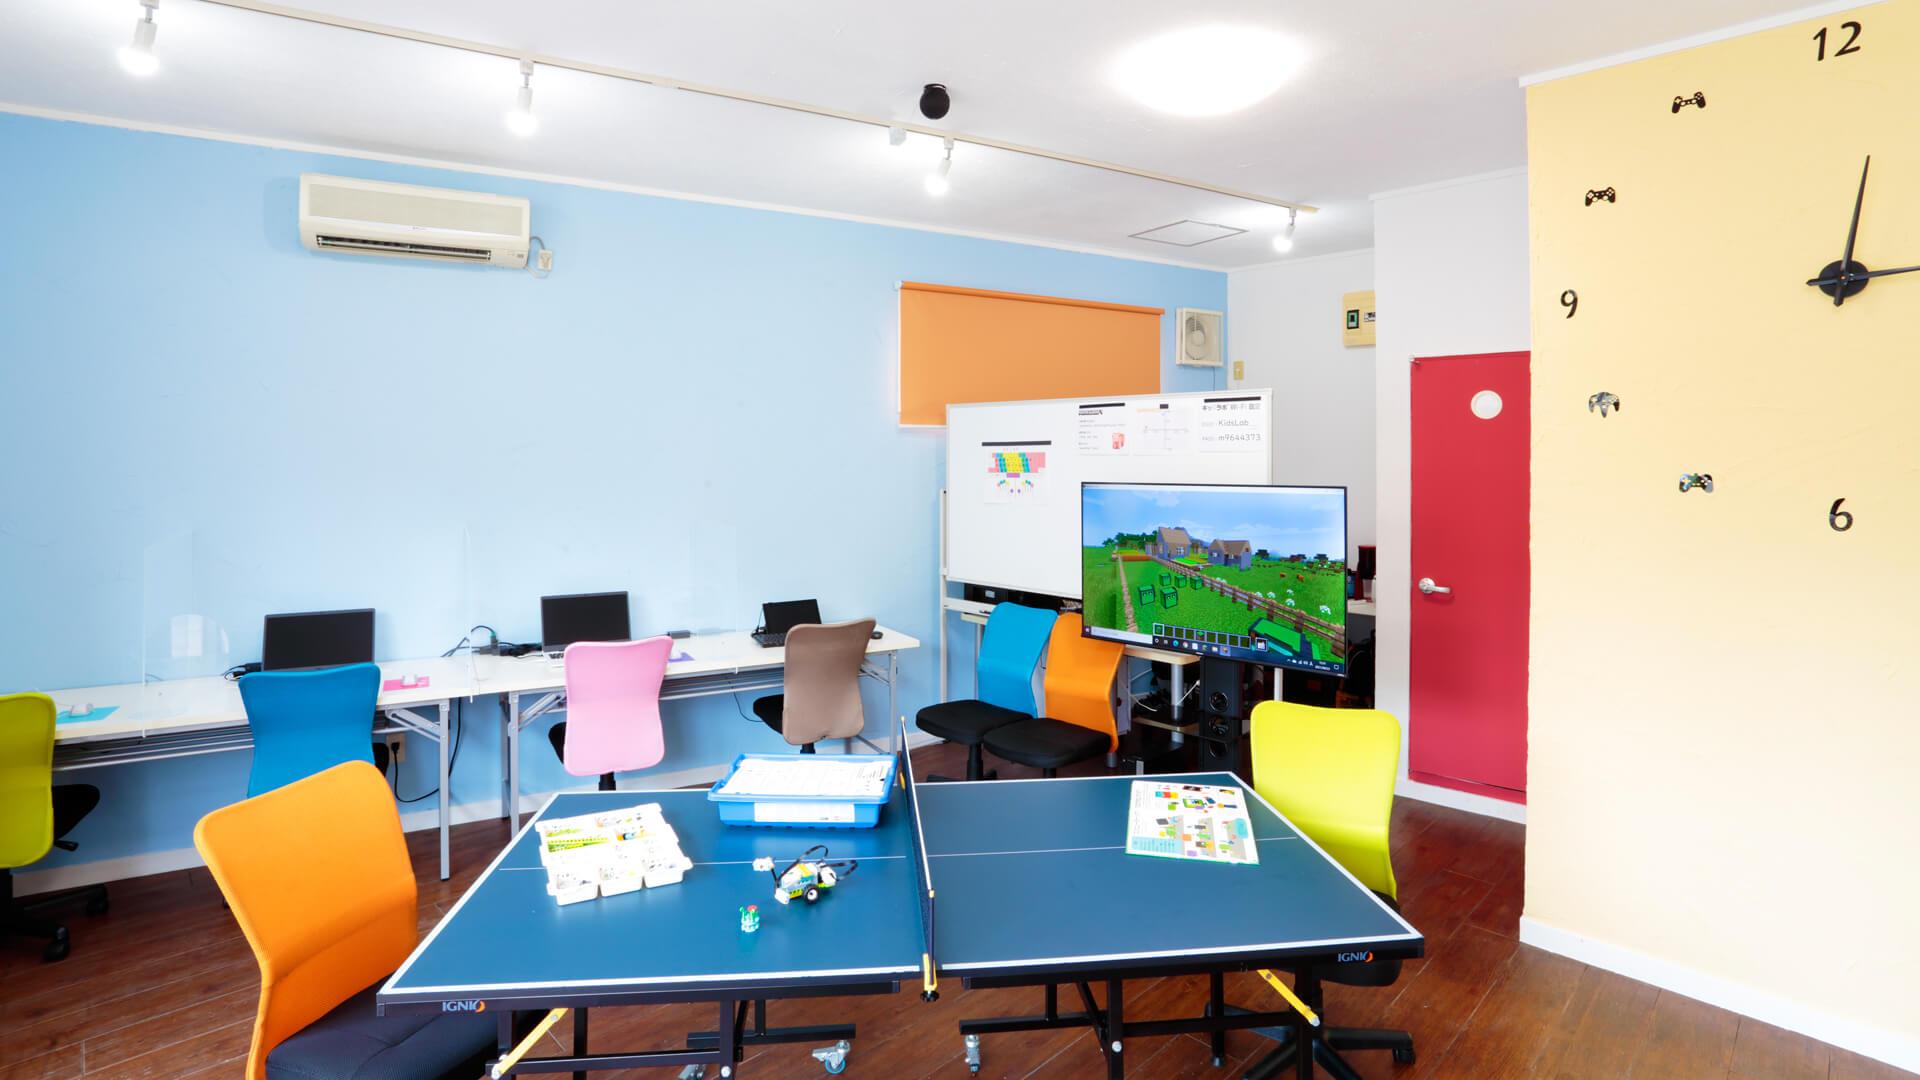 キッズラボ東静岡分校の室内